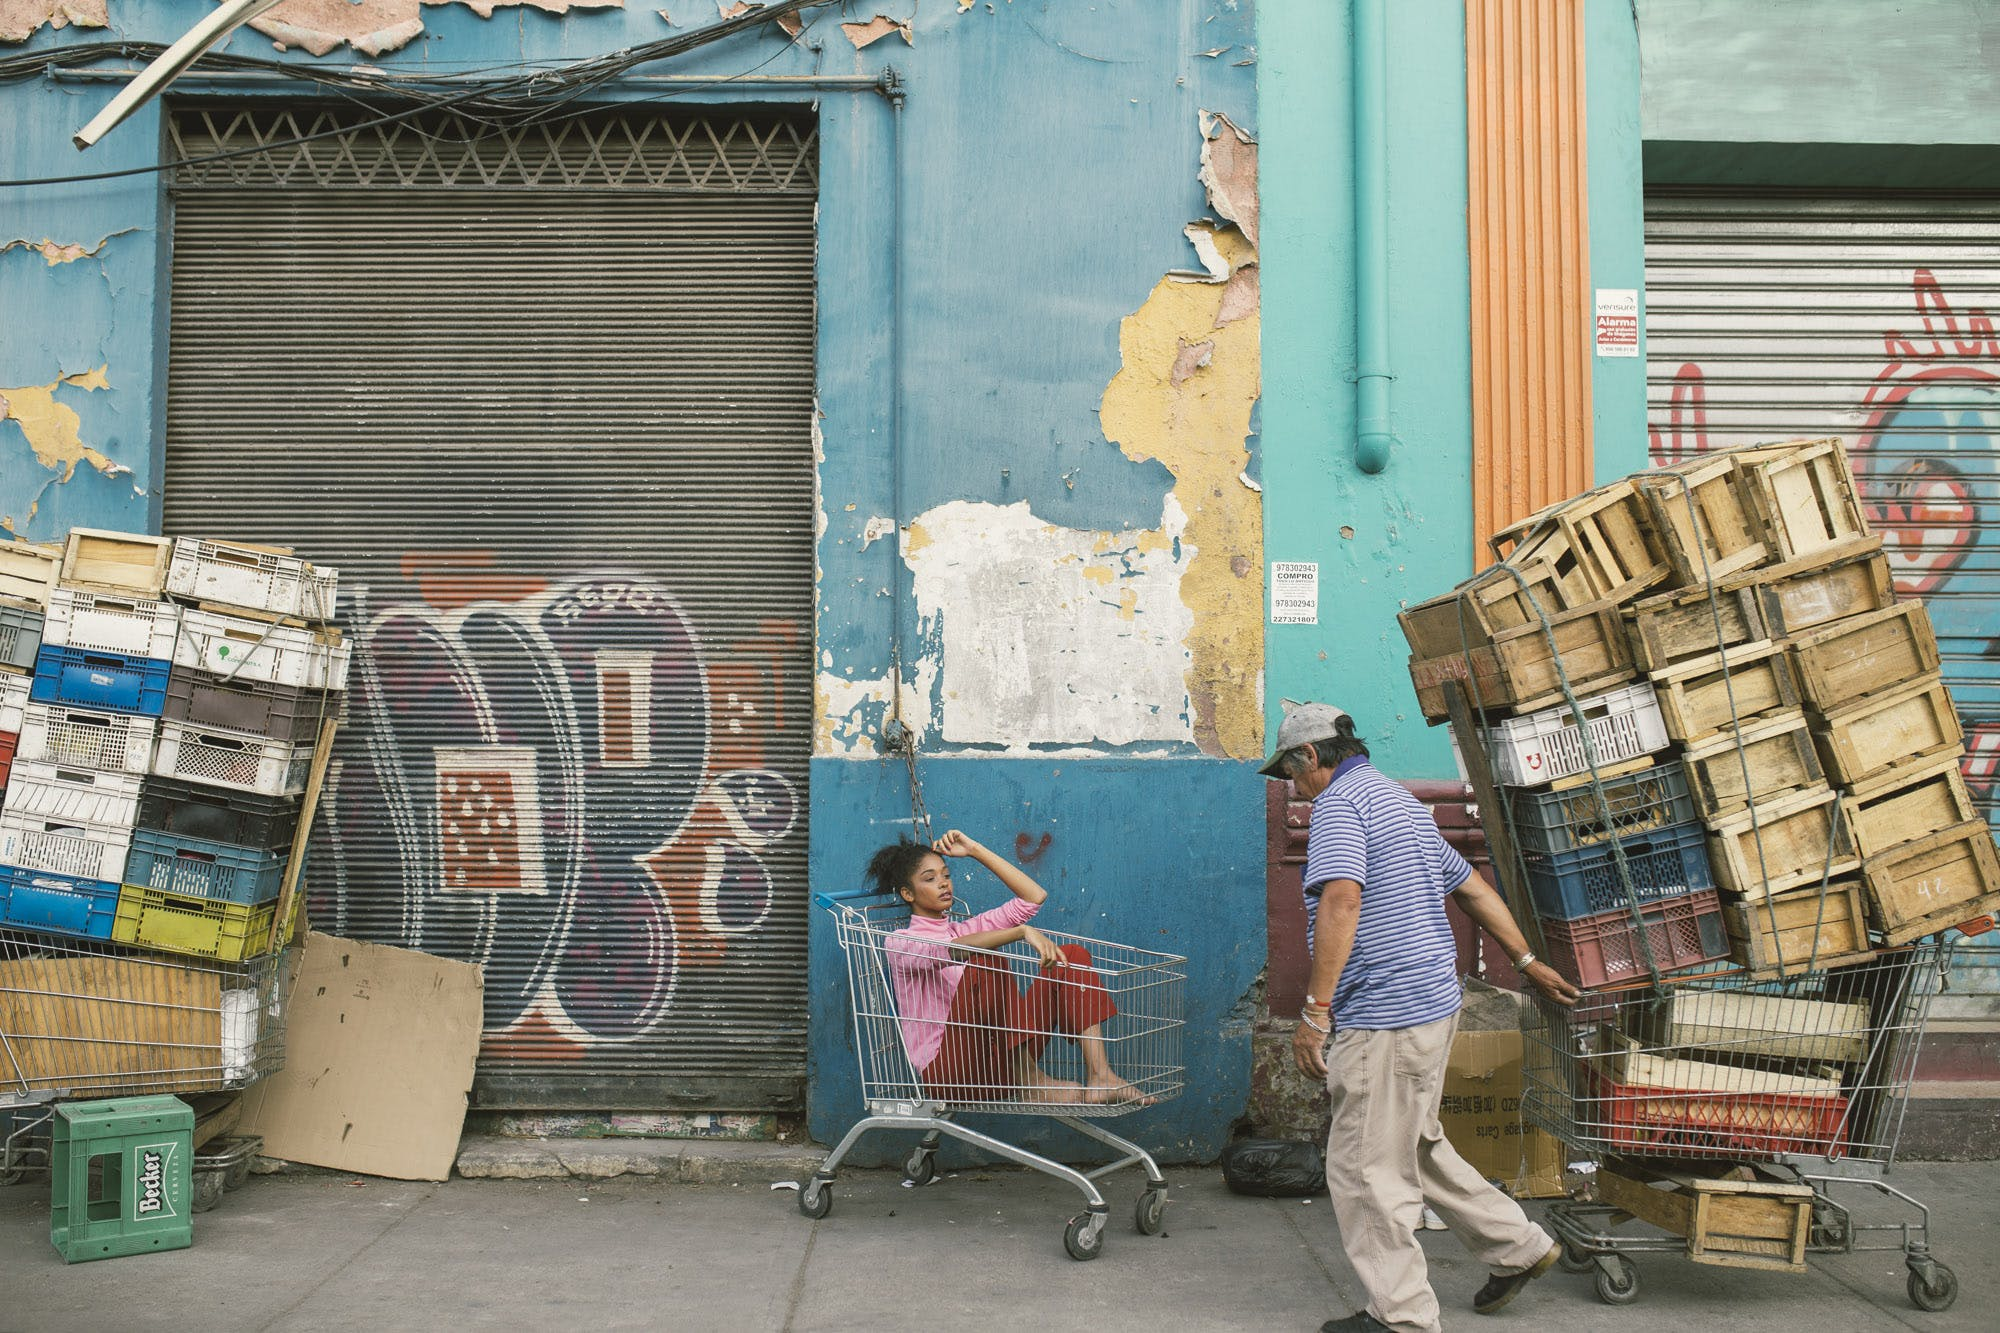 zu außen, container, dreckig, einkaufswagen